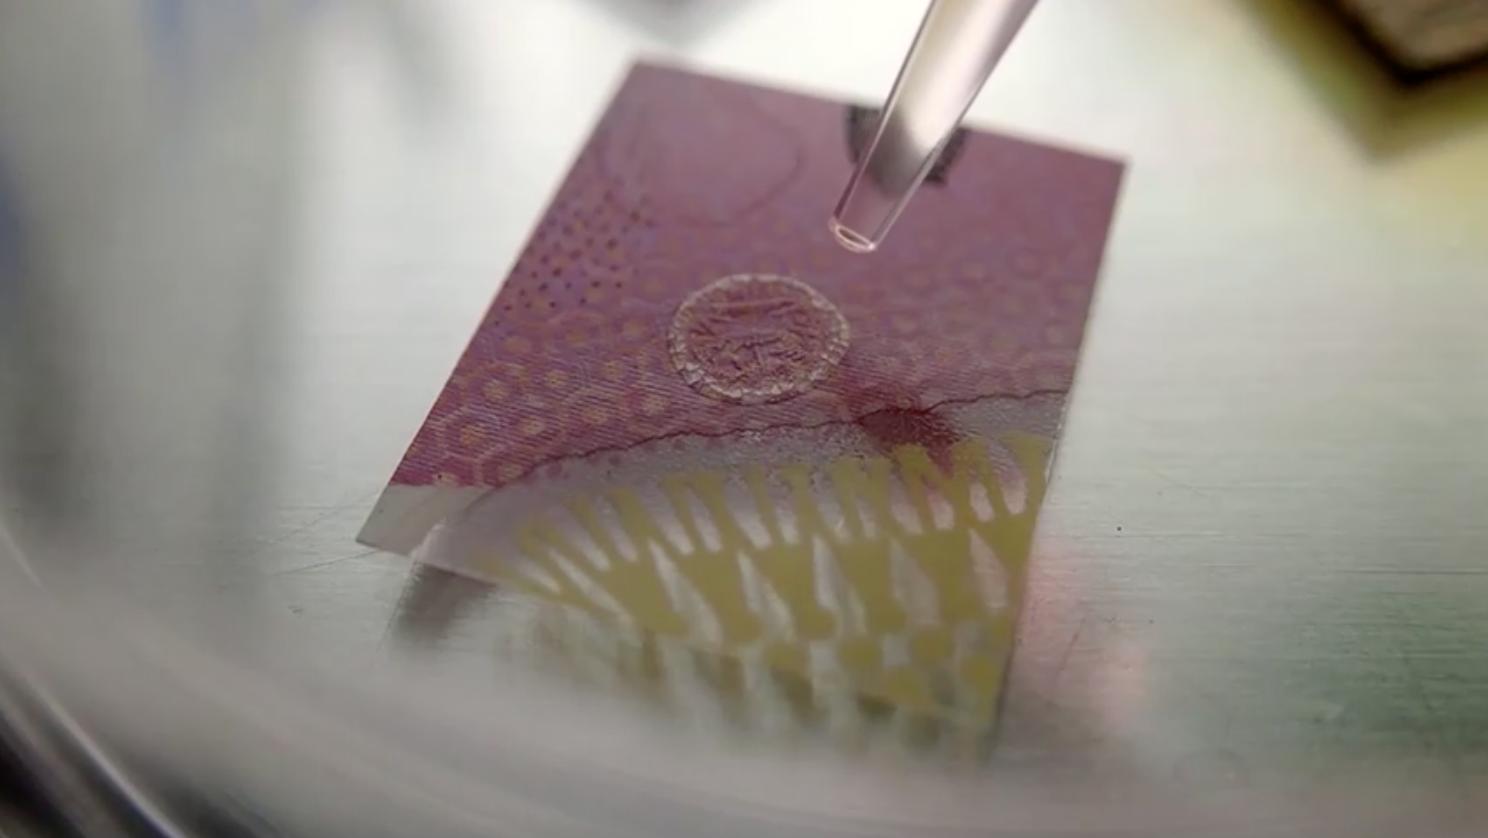 Nghiên cứu cho thấy coronavirus có thể tồn tại 28 ngày trên thủy tinh, tiền giấy